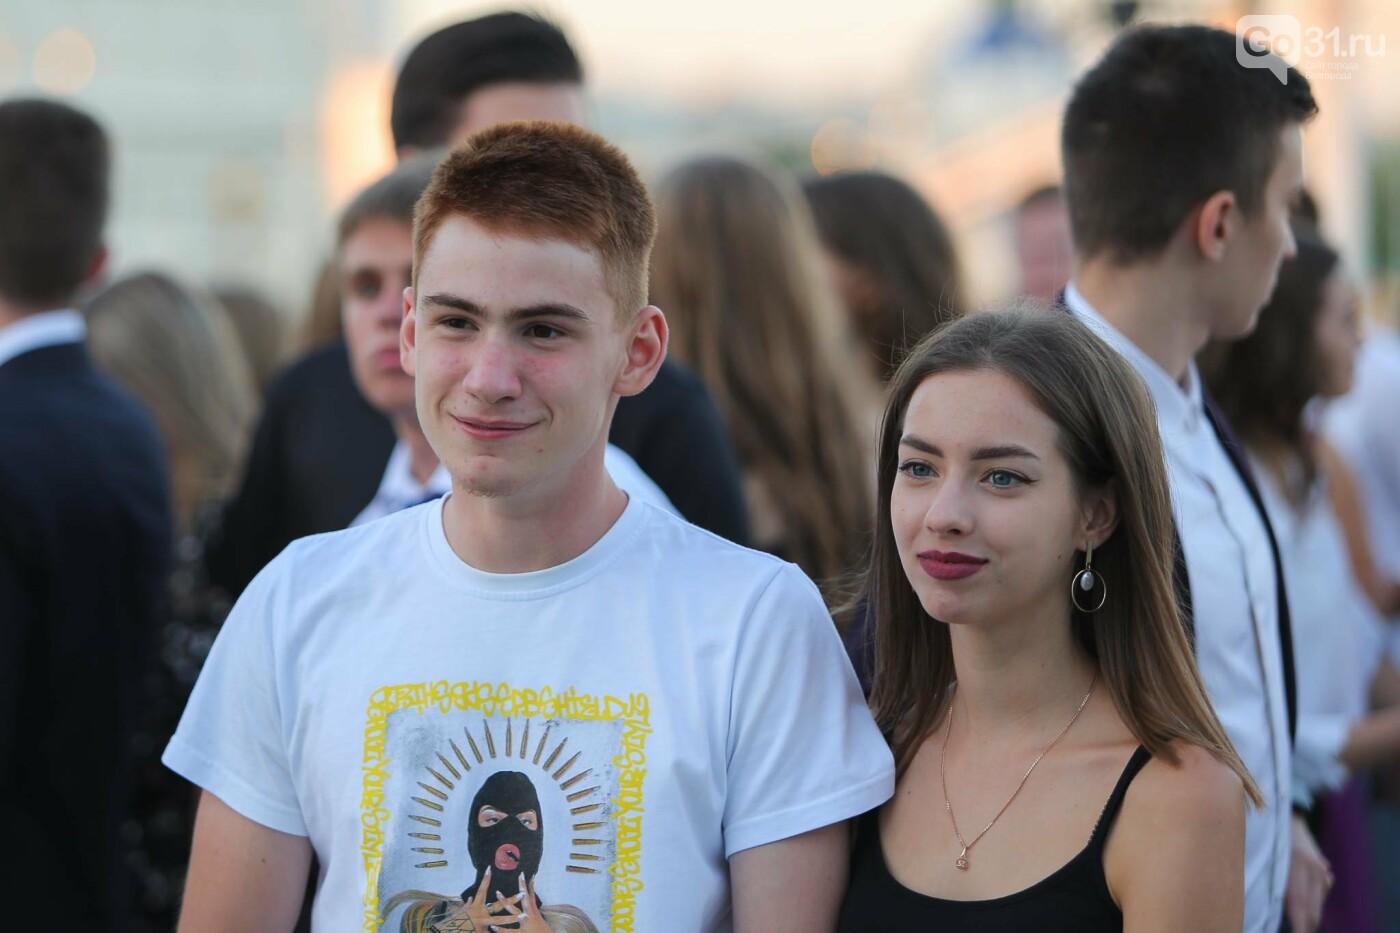 Общегородской школьный выпускной в Белгороде. Фоторепортаж, фото-13, Фото: Антон Вергун